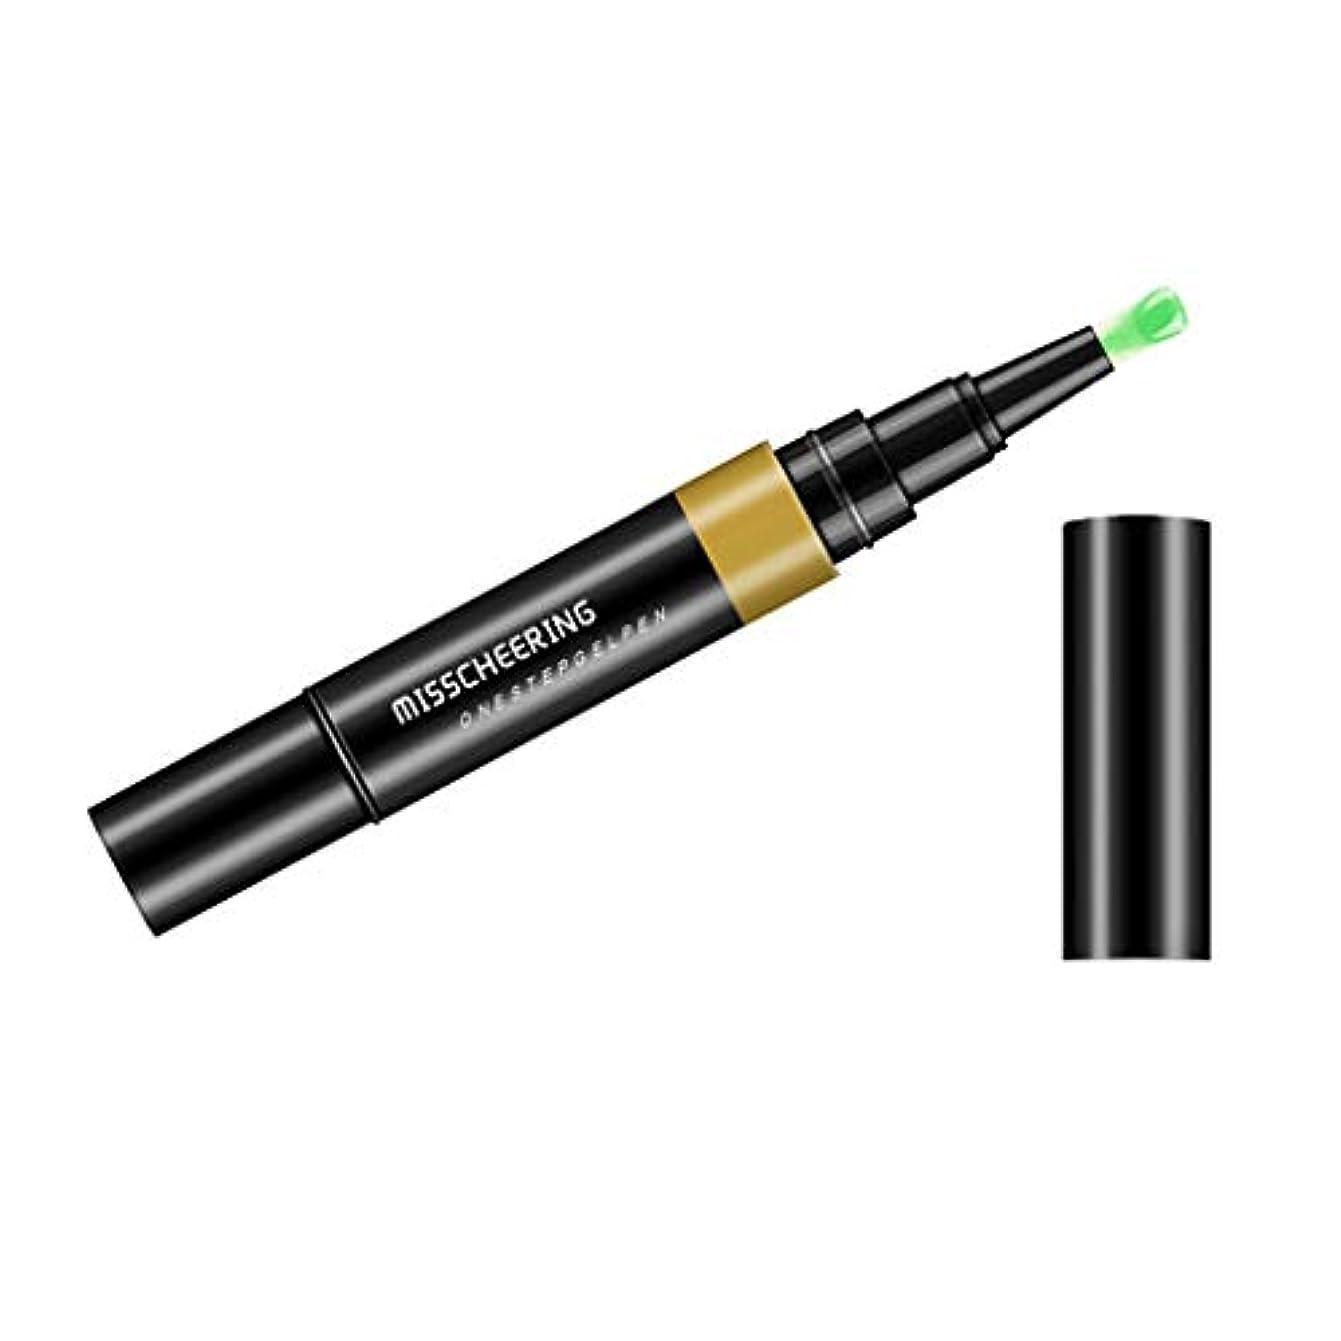 スイ一時停止不満カラーネイルペン 3Dネイルペン ネイルアートペン ジェル マニキュアペン ペイントペン 3 in 1 多色 - グリーン